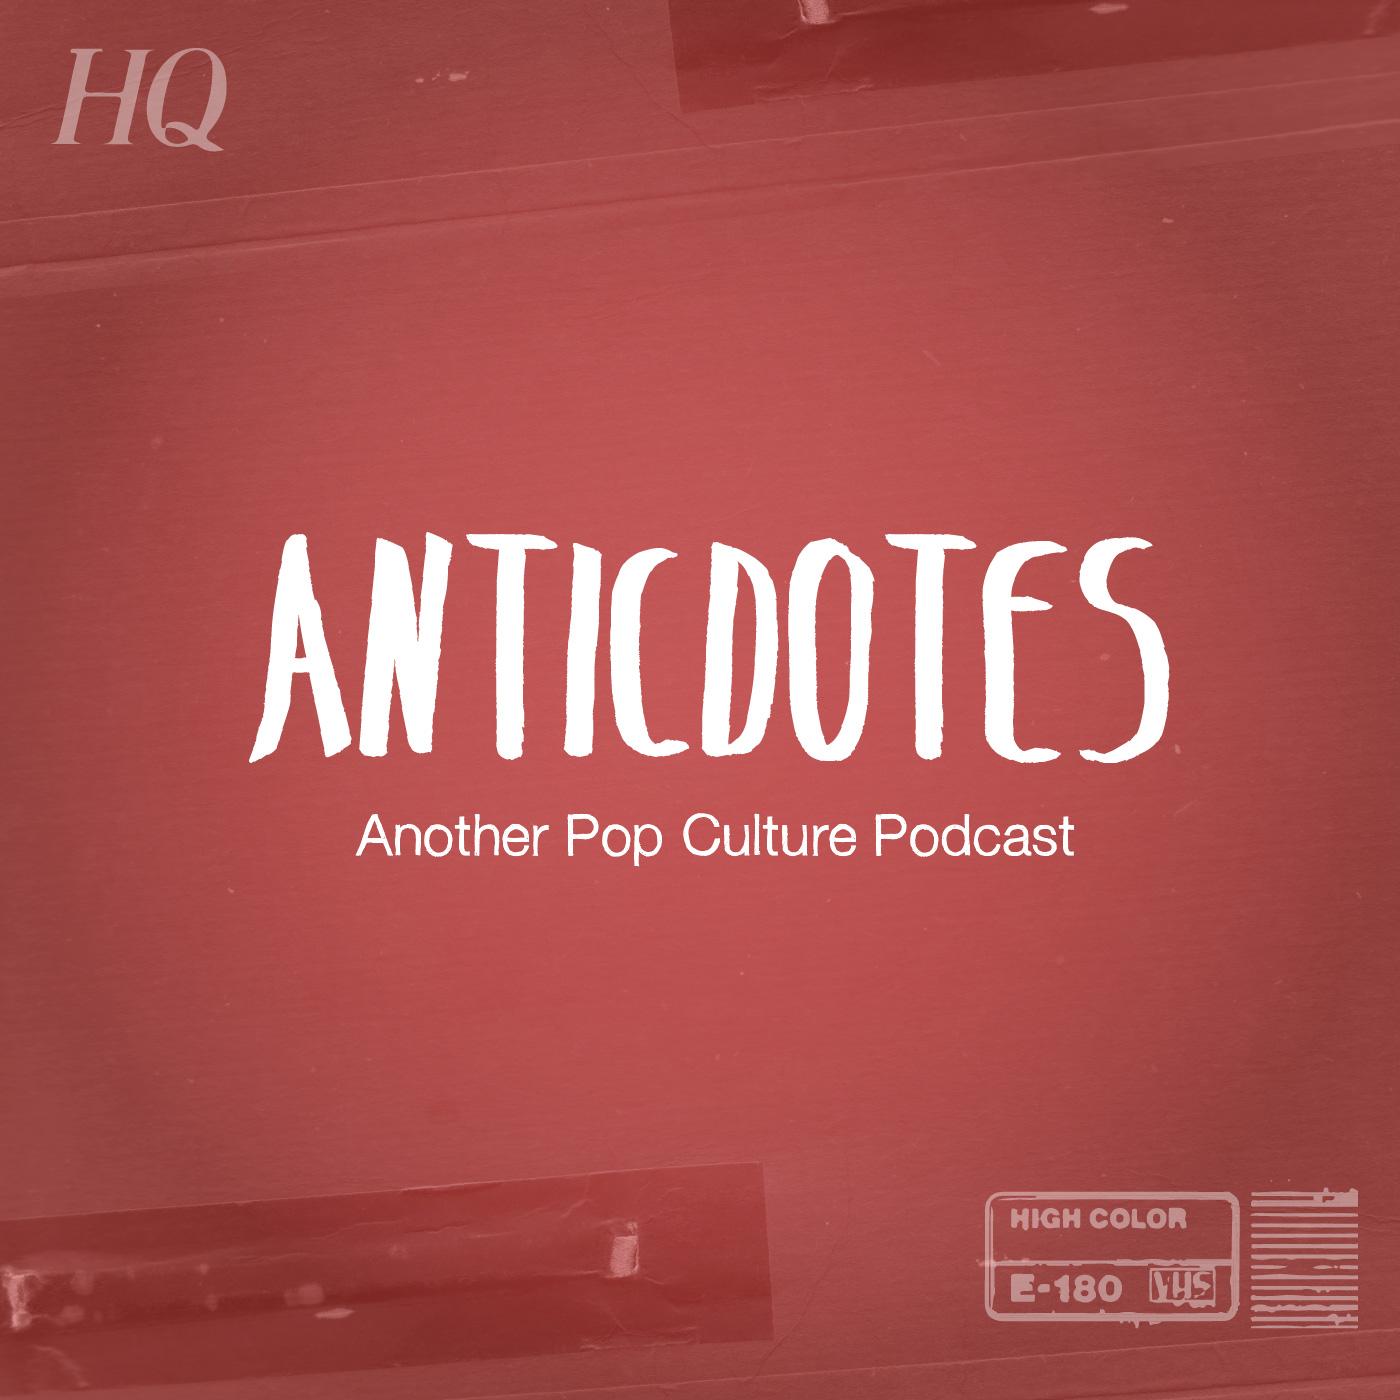 Anticdotes